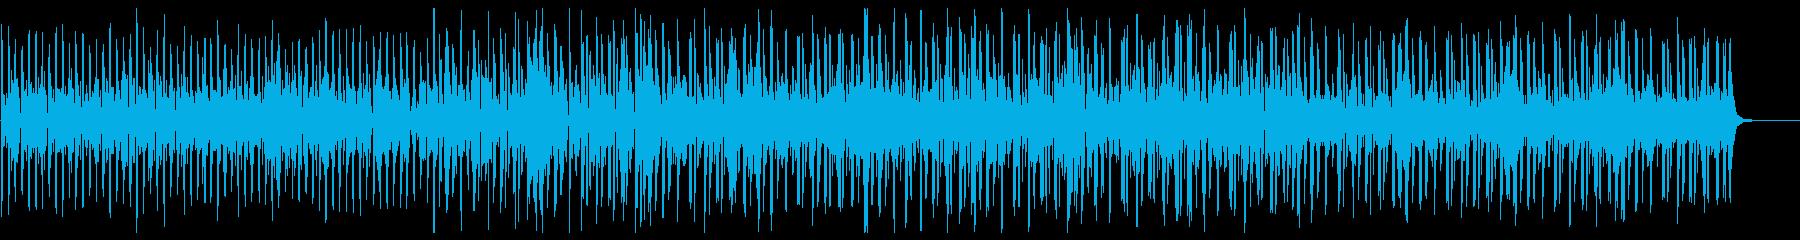 開放感のあるシンセヒップホップの再生済みの波形